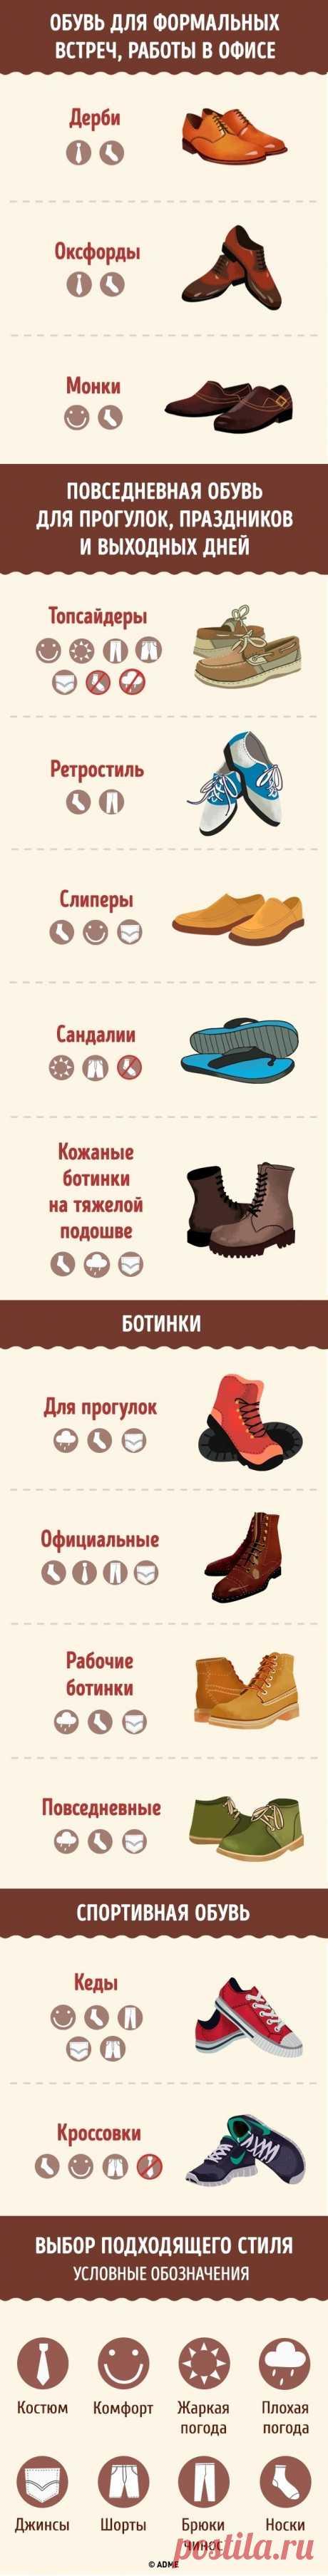 Мужская обувь и подбор стиля одежды